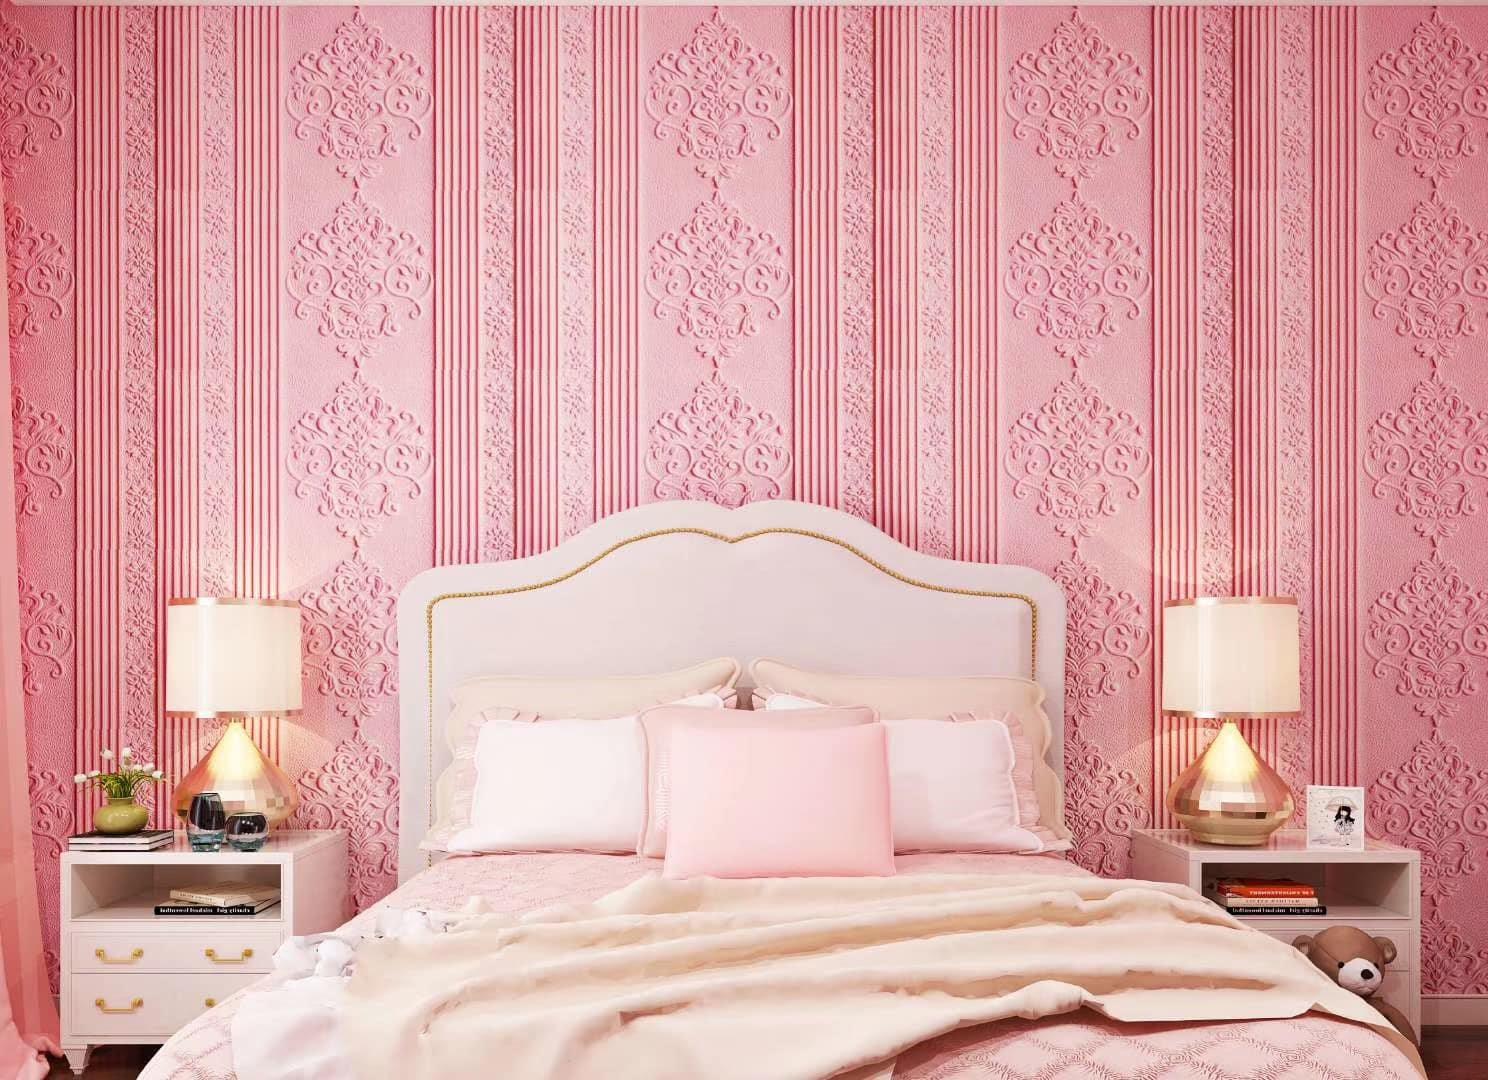 Ưu và nhược điểm của Giấy dán tường - Sơn Hiệu Ứng Waldo Textured Paint